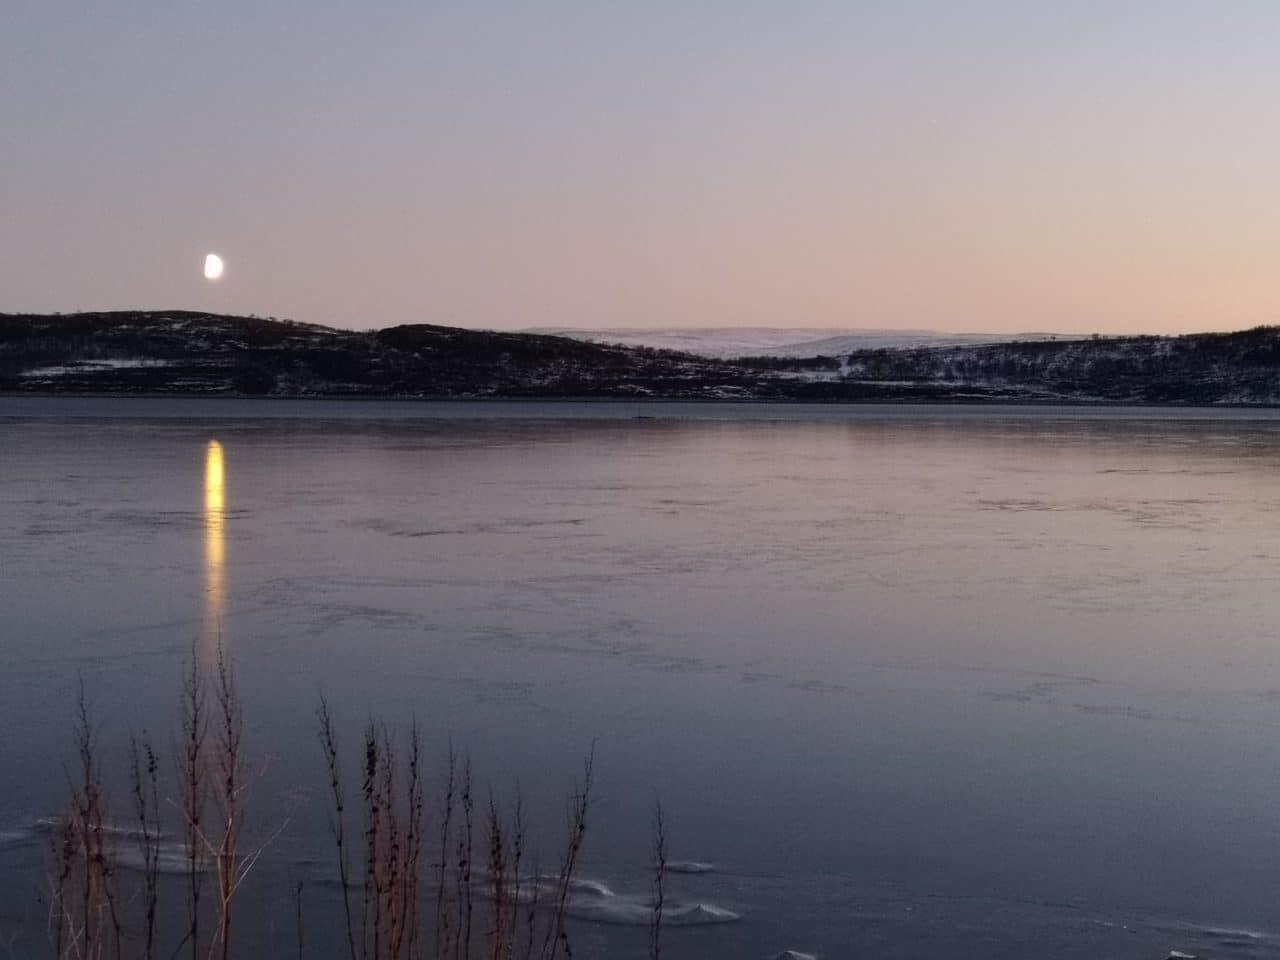 Jokamies-Teslalla-talvella-Nordkappiin-vuono-ja-kuu